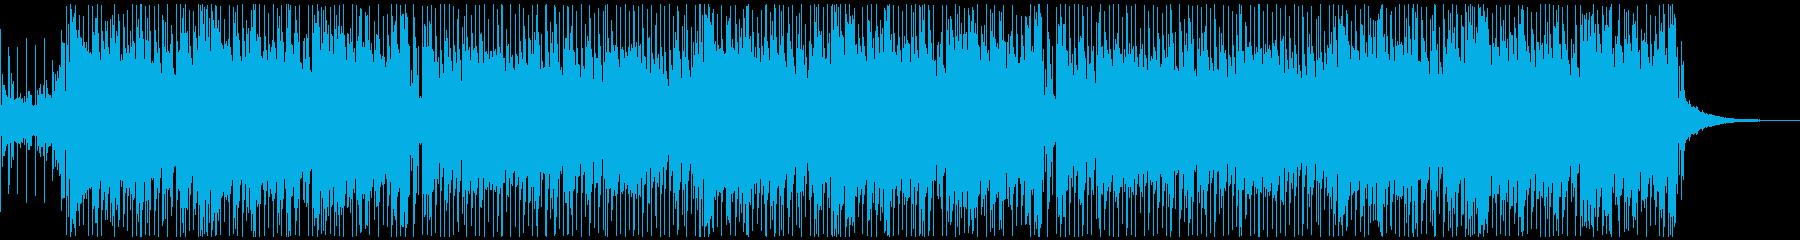 和楽器を使った軽快でかっこいい和風EDMの再生済みの波形